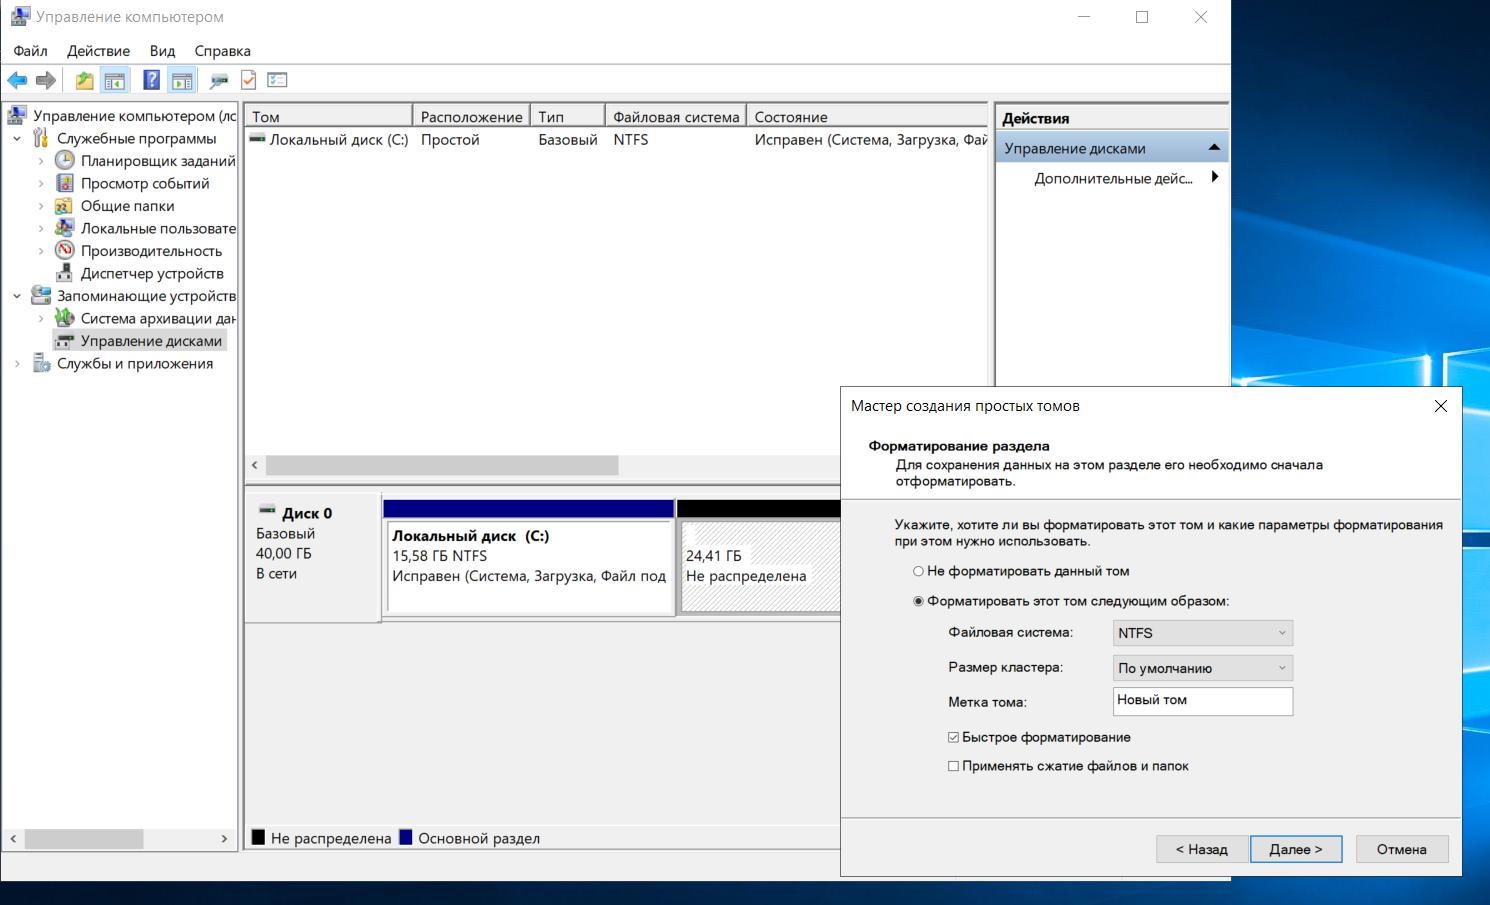 Личная файлопомойка. Как я настраивал файлообменник на VPS - 8